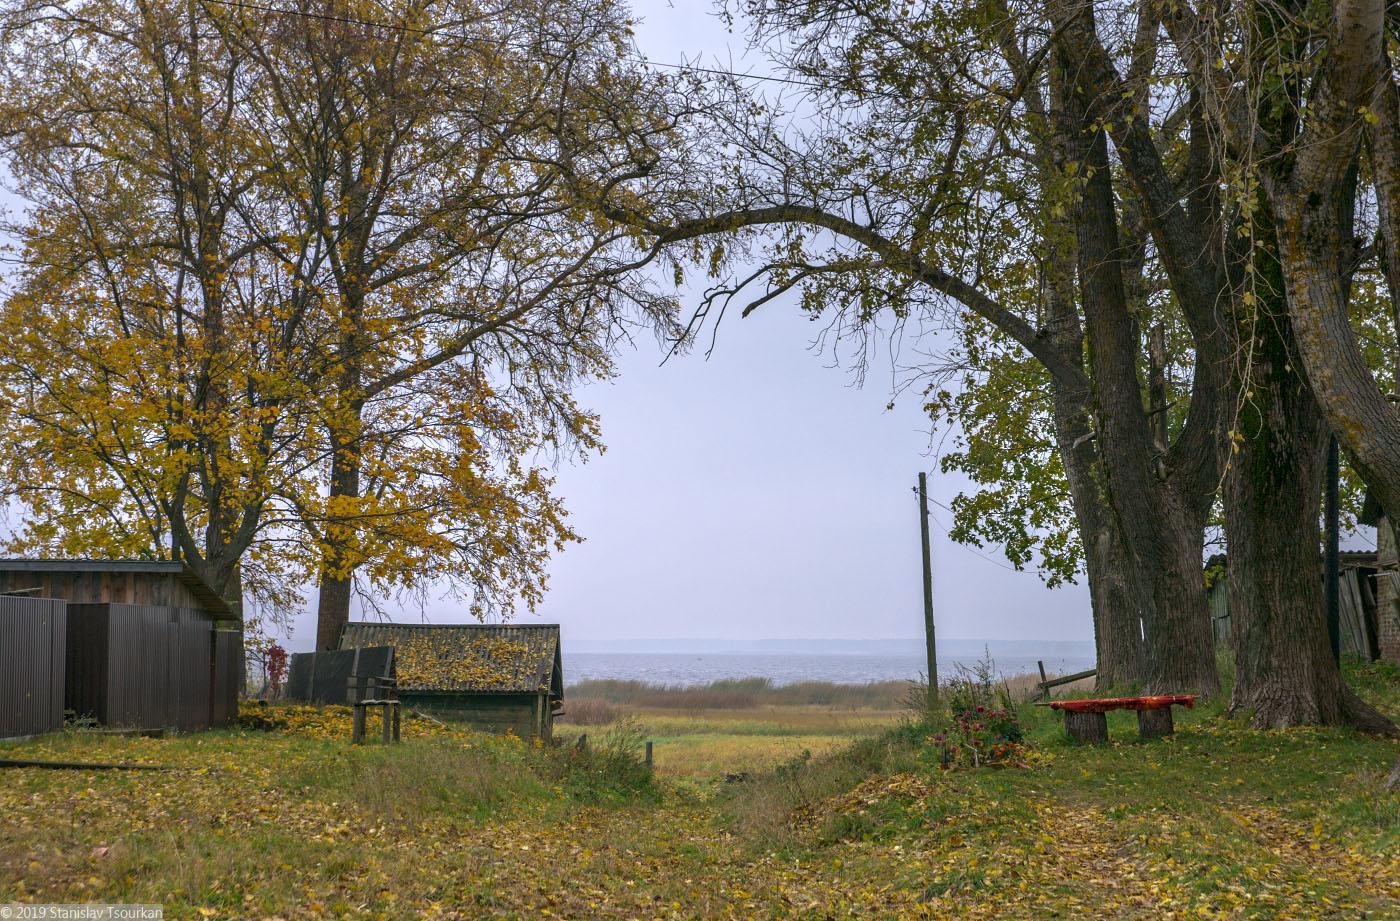 Весьегонск, Тверская область, улица Вагжанова, Рыбинское море, Рыбинское водохранилище, Волга